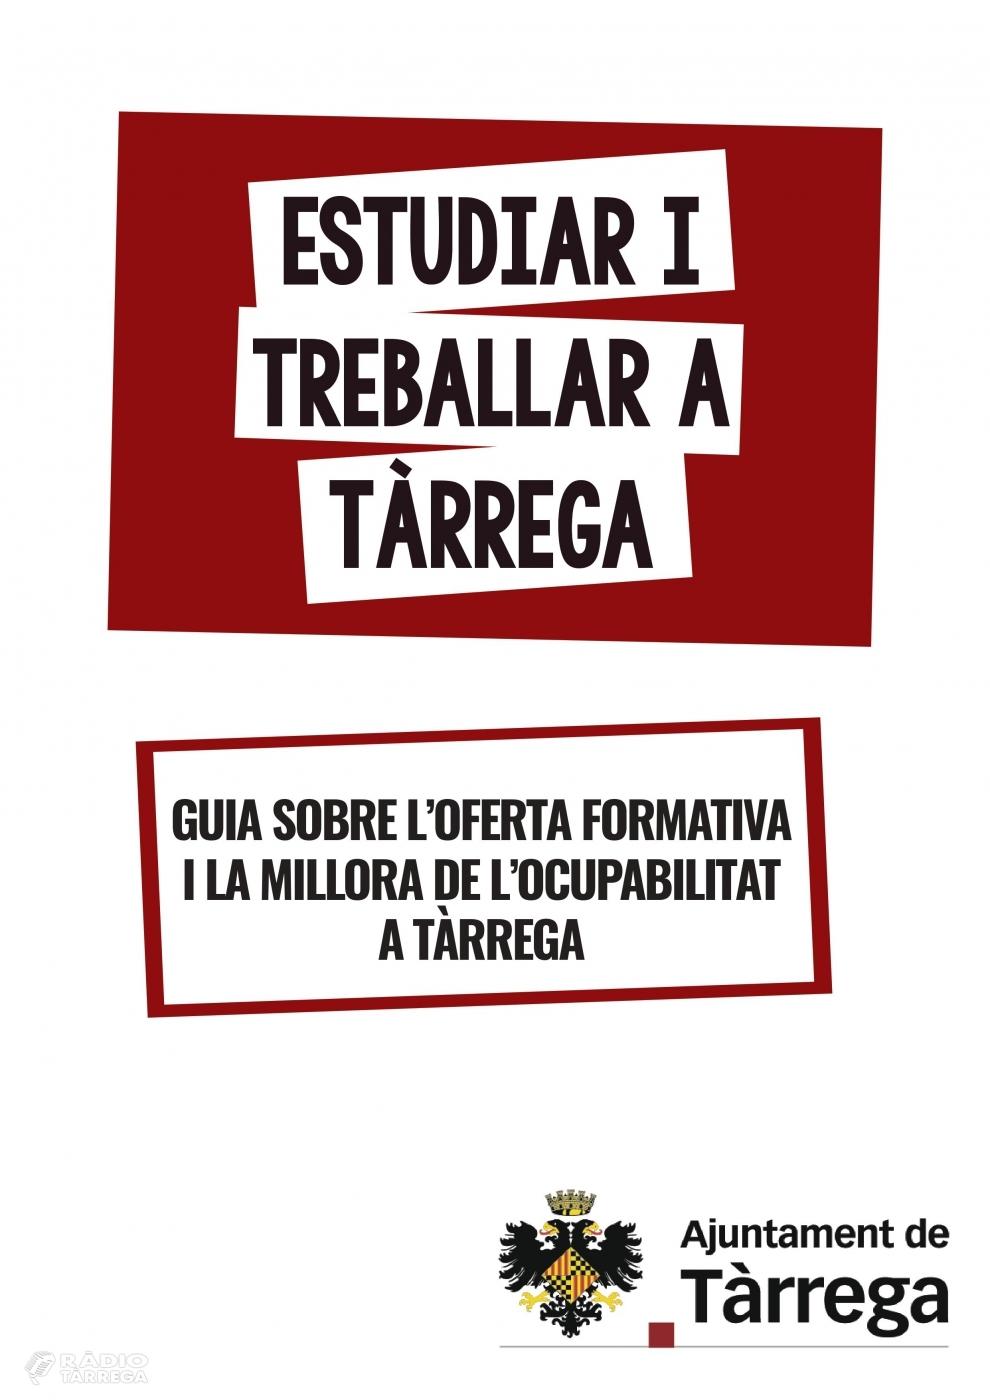 L'Ajuntament de Tàrrega prepara una plataforma digital i edita en línia una nova guia sobre oferta formativa i ocupabilitat